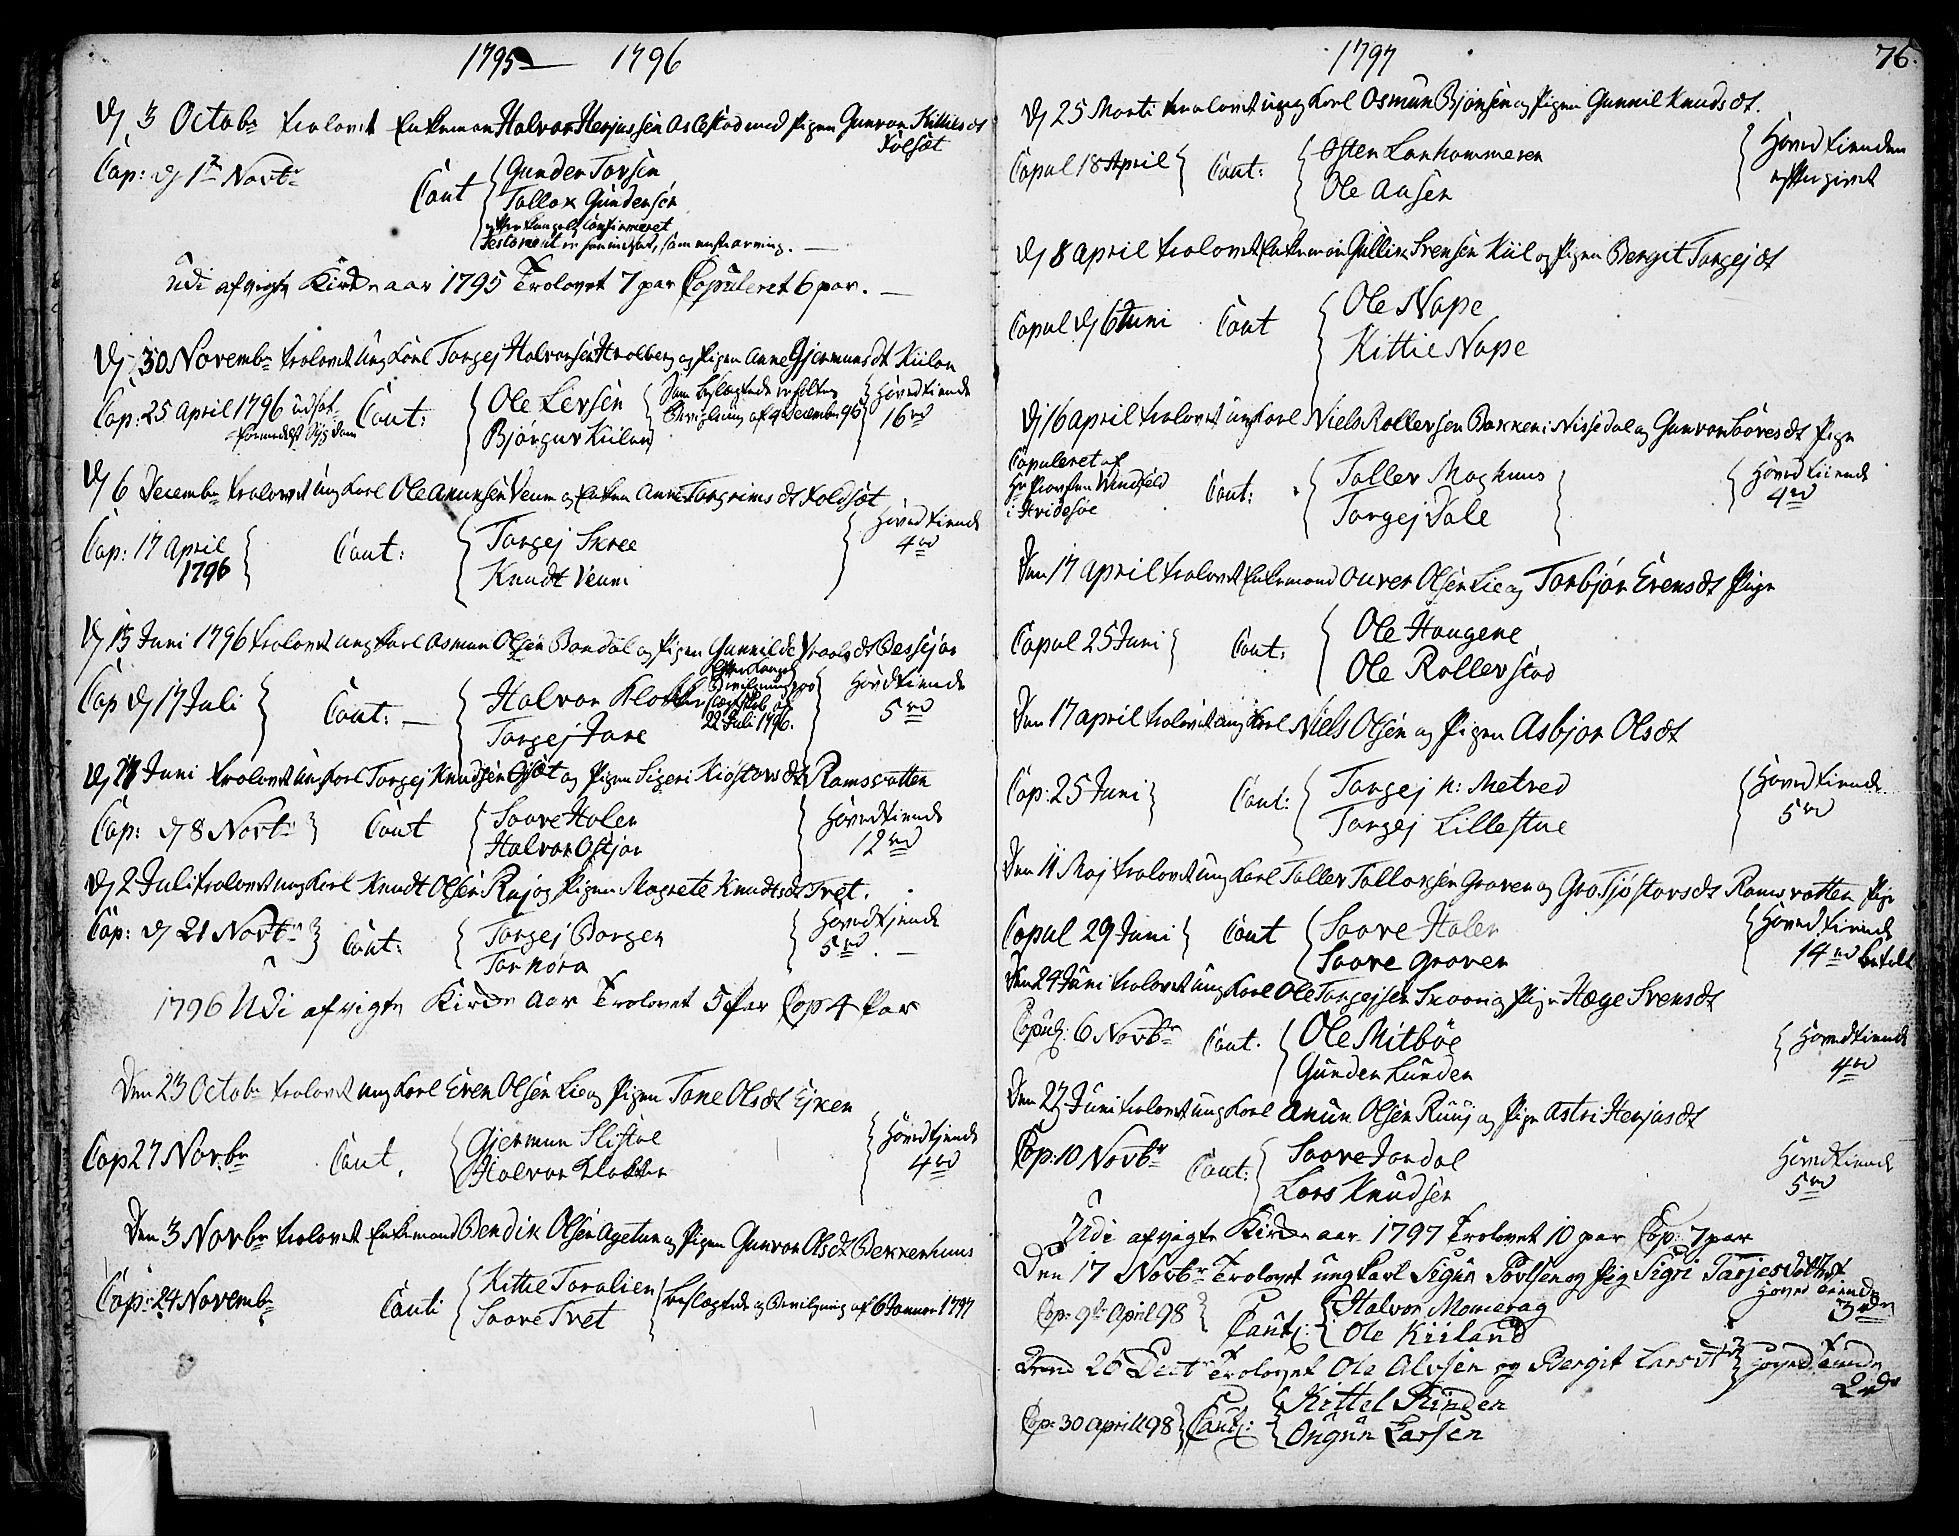 SAKO, Fyresdal kirkebøker, F/Fa/L0002: Ministerialbok nr. I 2, 1769-1814, s. 76